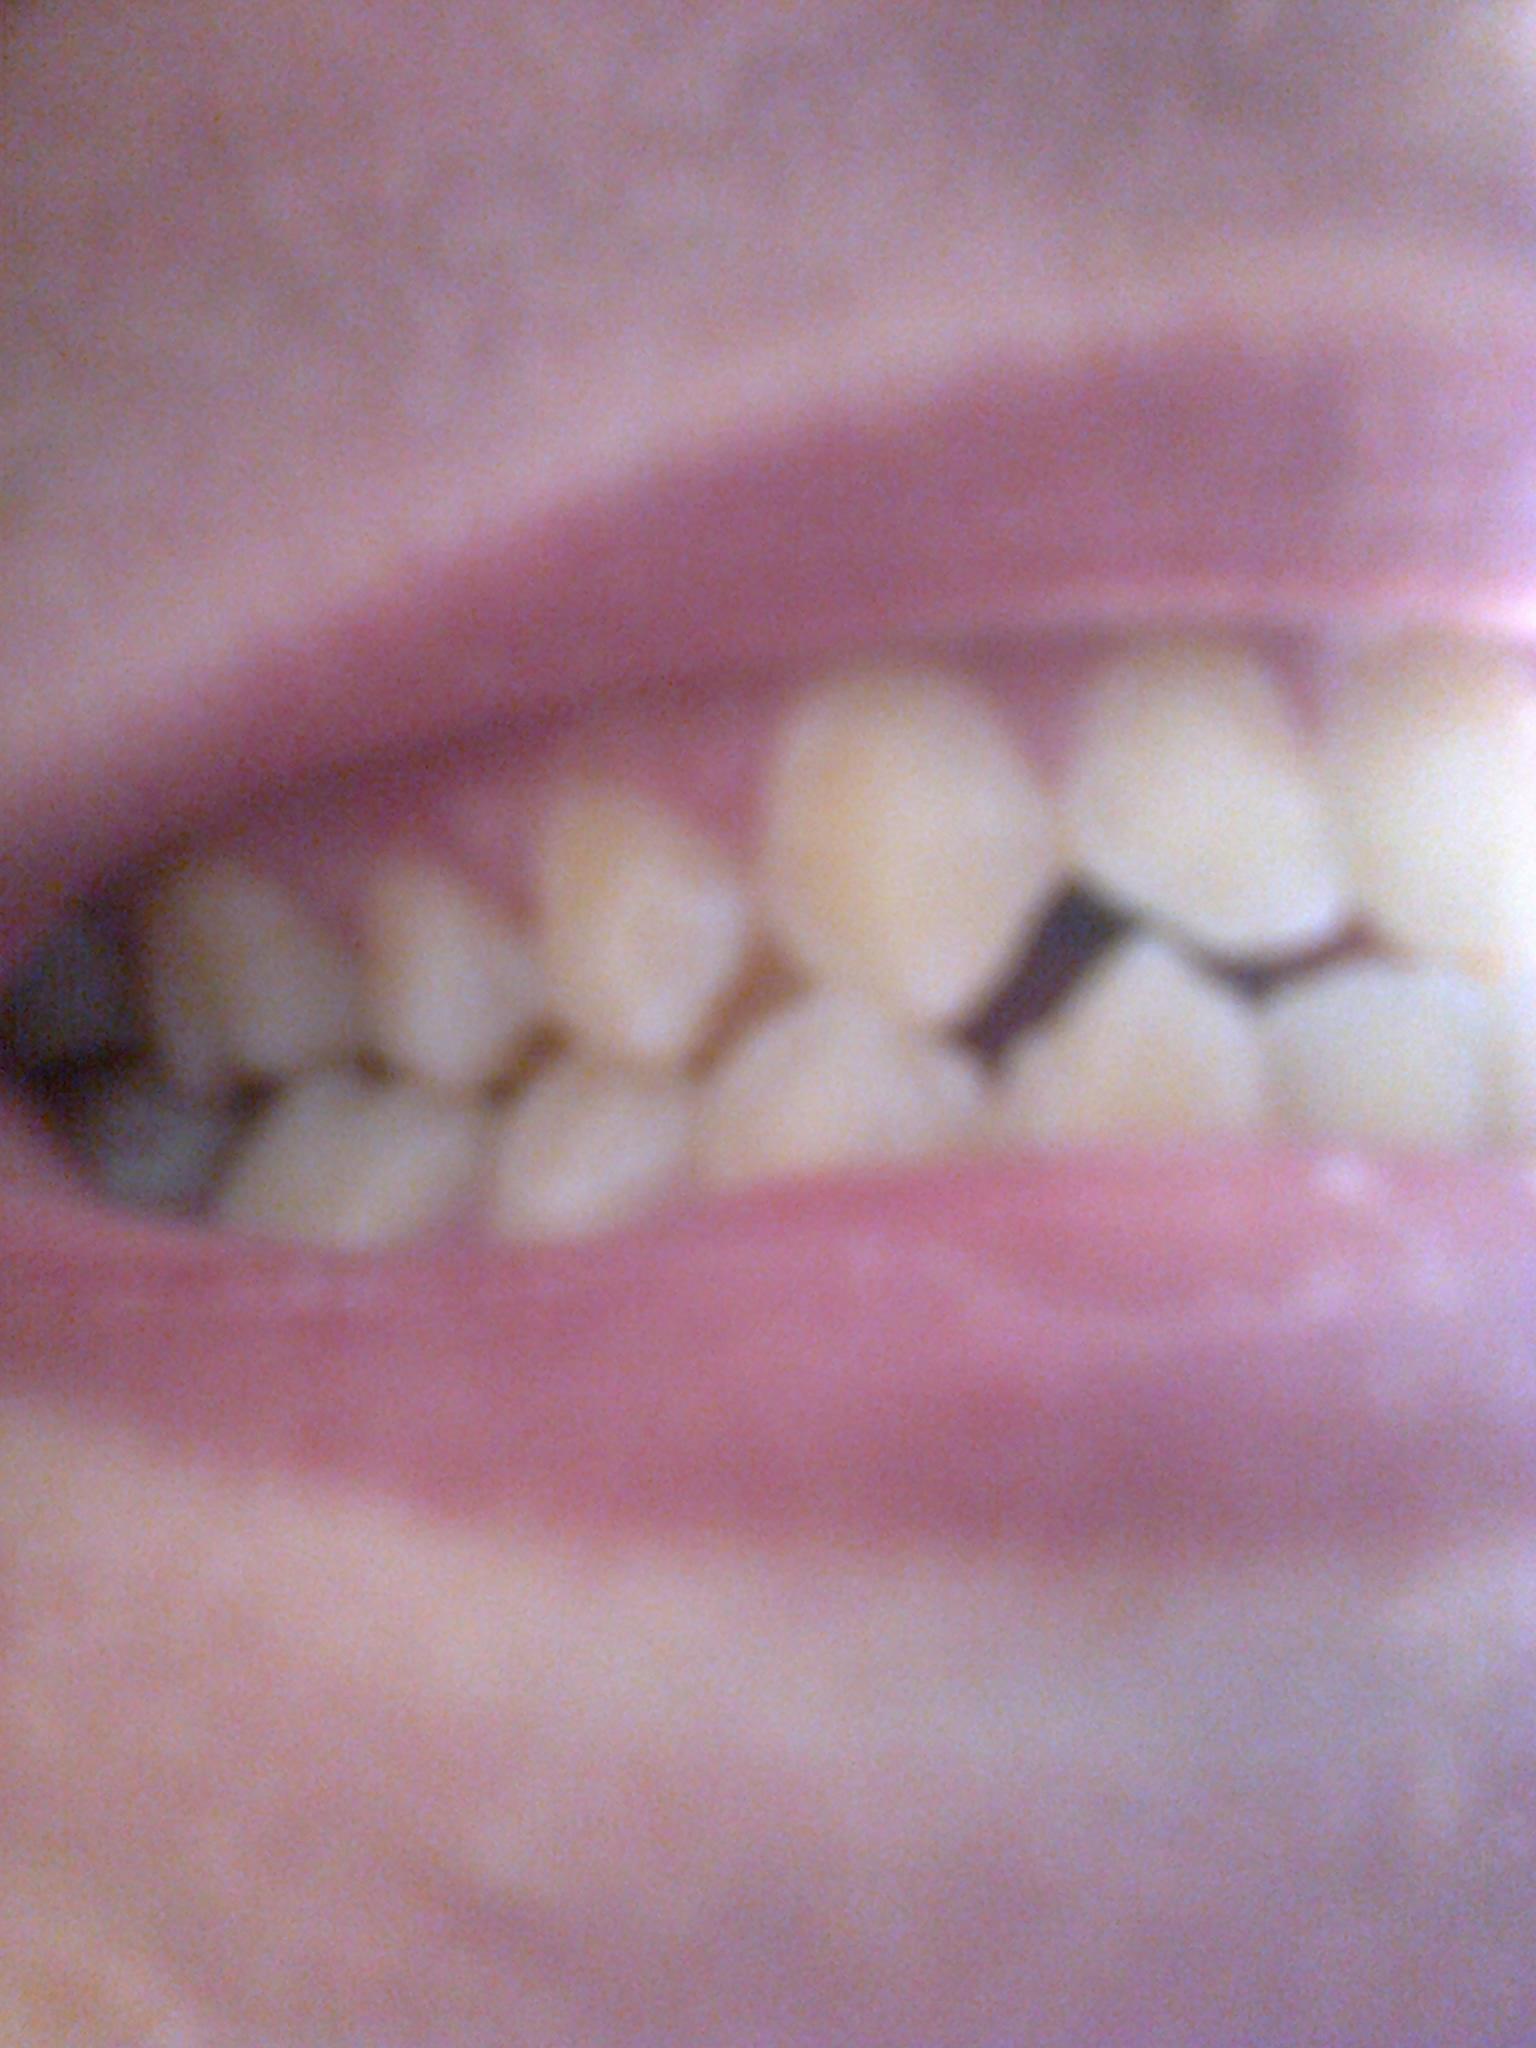 Ho 19 anni e convivo con un problema legato all'occlusione dentale